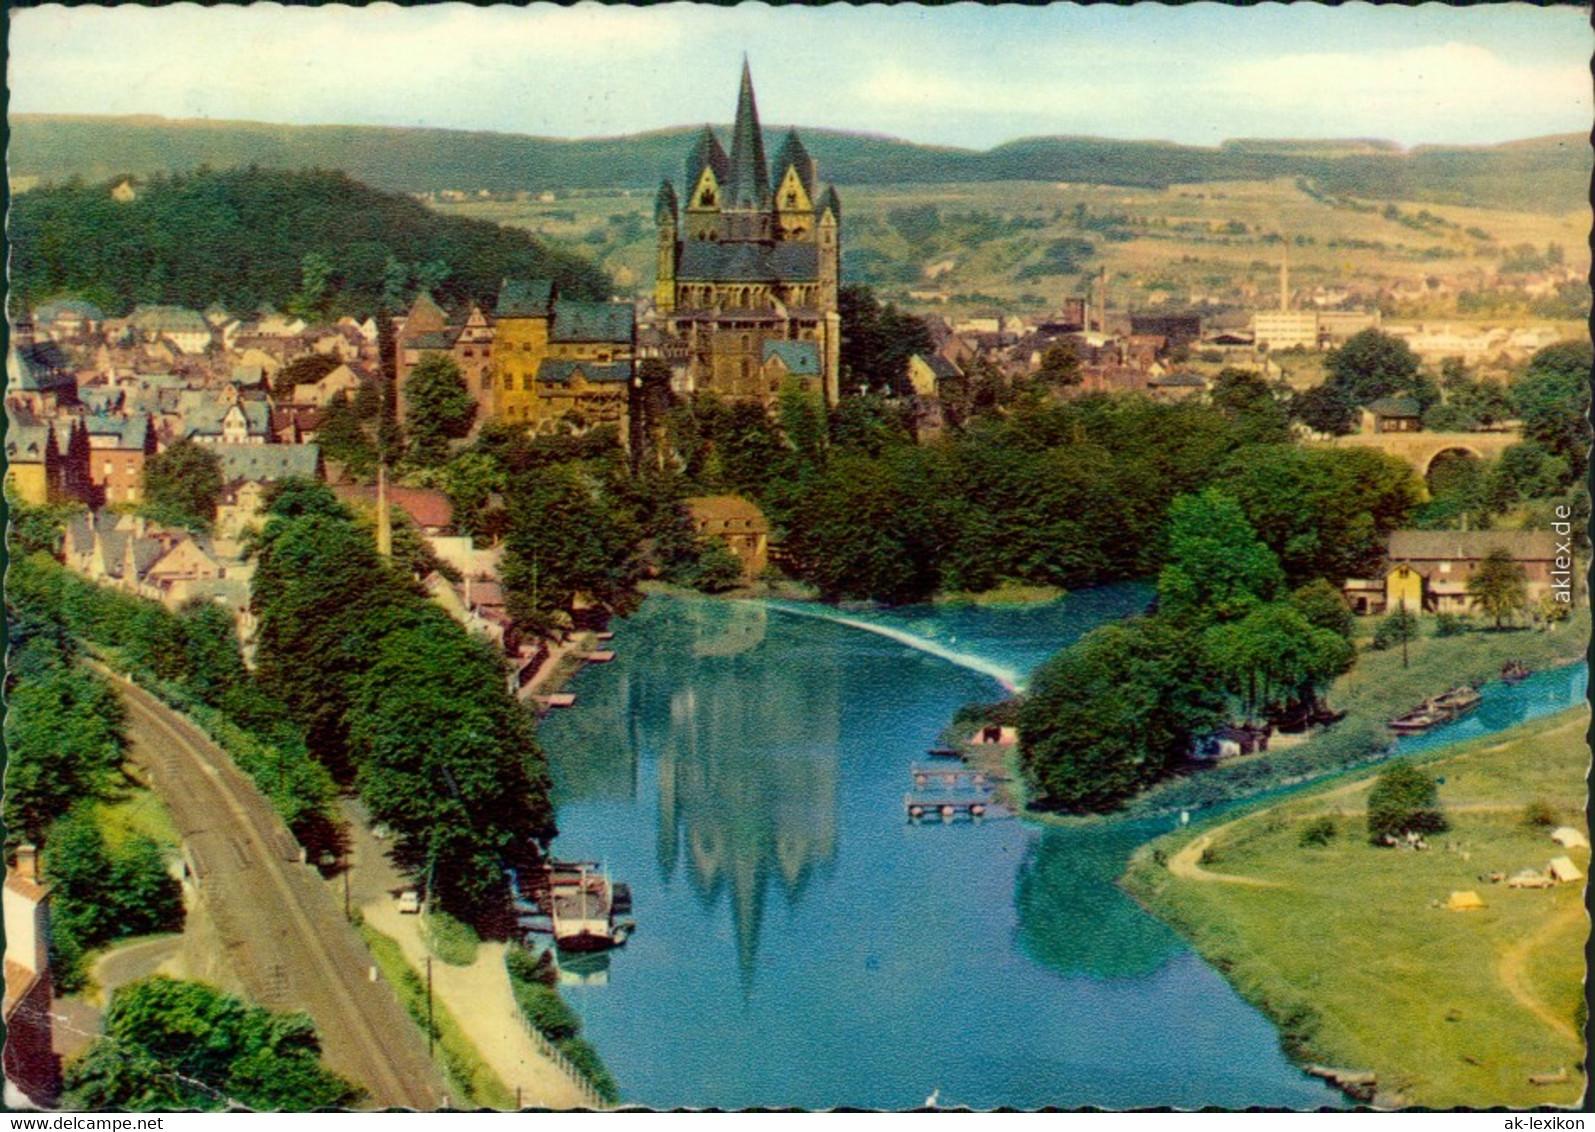 Ansichtskarte Limburg (Lahn) Panorama-Ansicht 1961 - Limburg